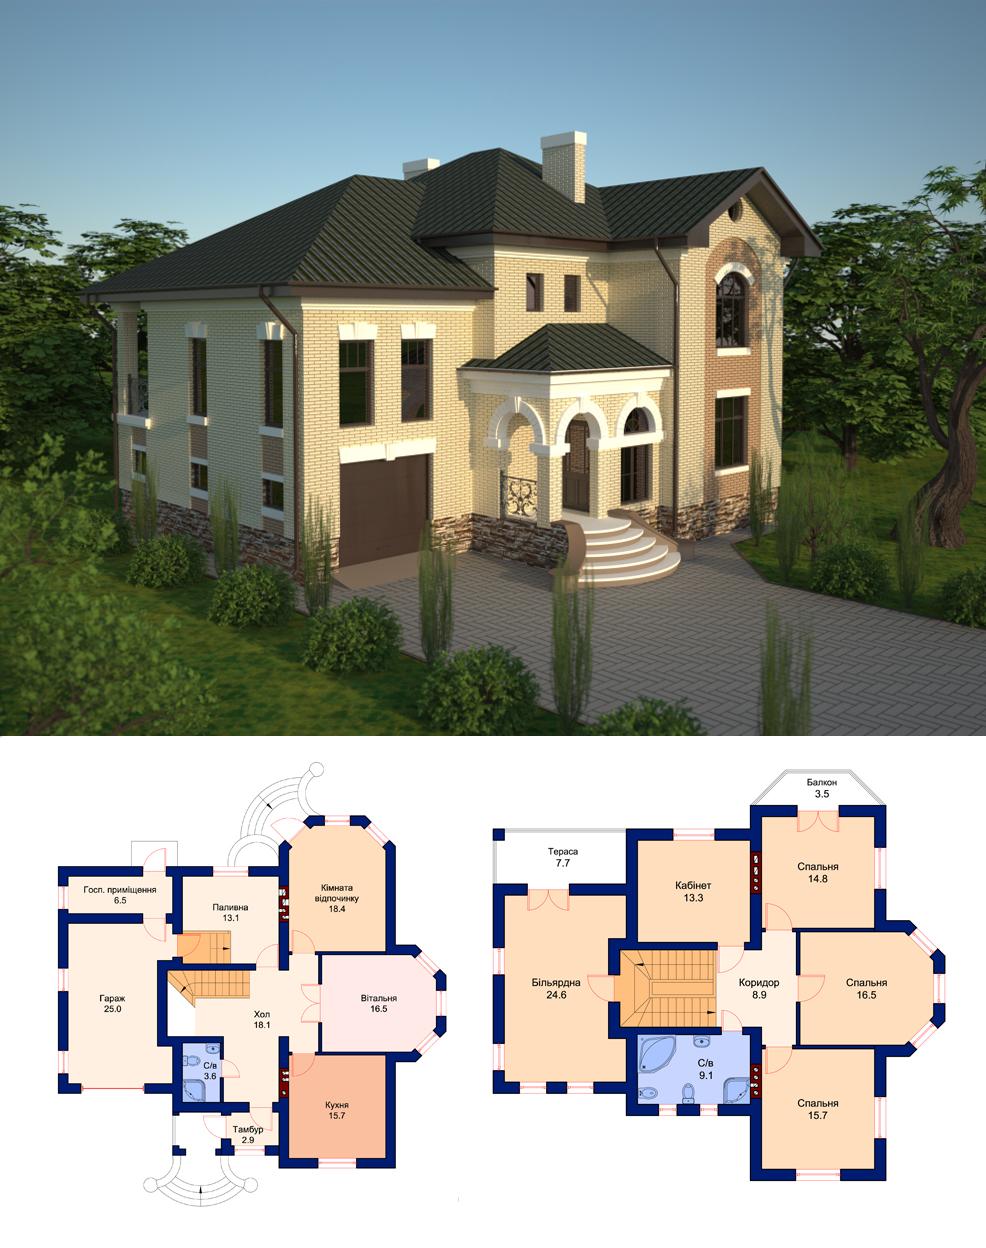 Фото Проект індивідуального двоповерхового житлового будинку з вбудованим гаражем. Виконано стадію ЕСКІЗ; АРХІТЕКТУРНІ РІШЕННЯ; КОНСТРУКТИВНІ РІШЕННЯ